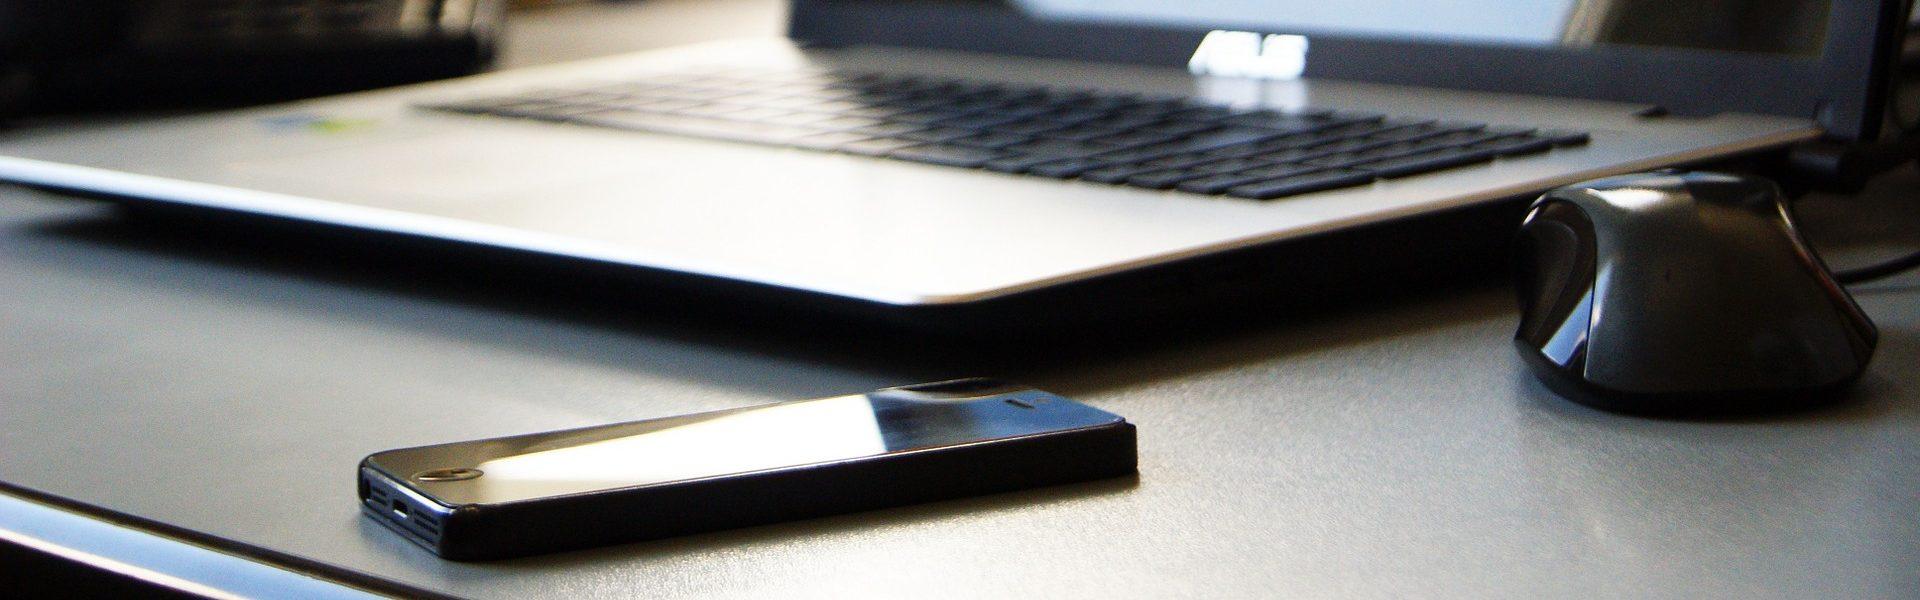 ordenador y movil